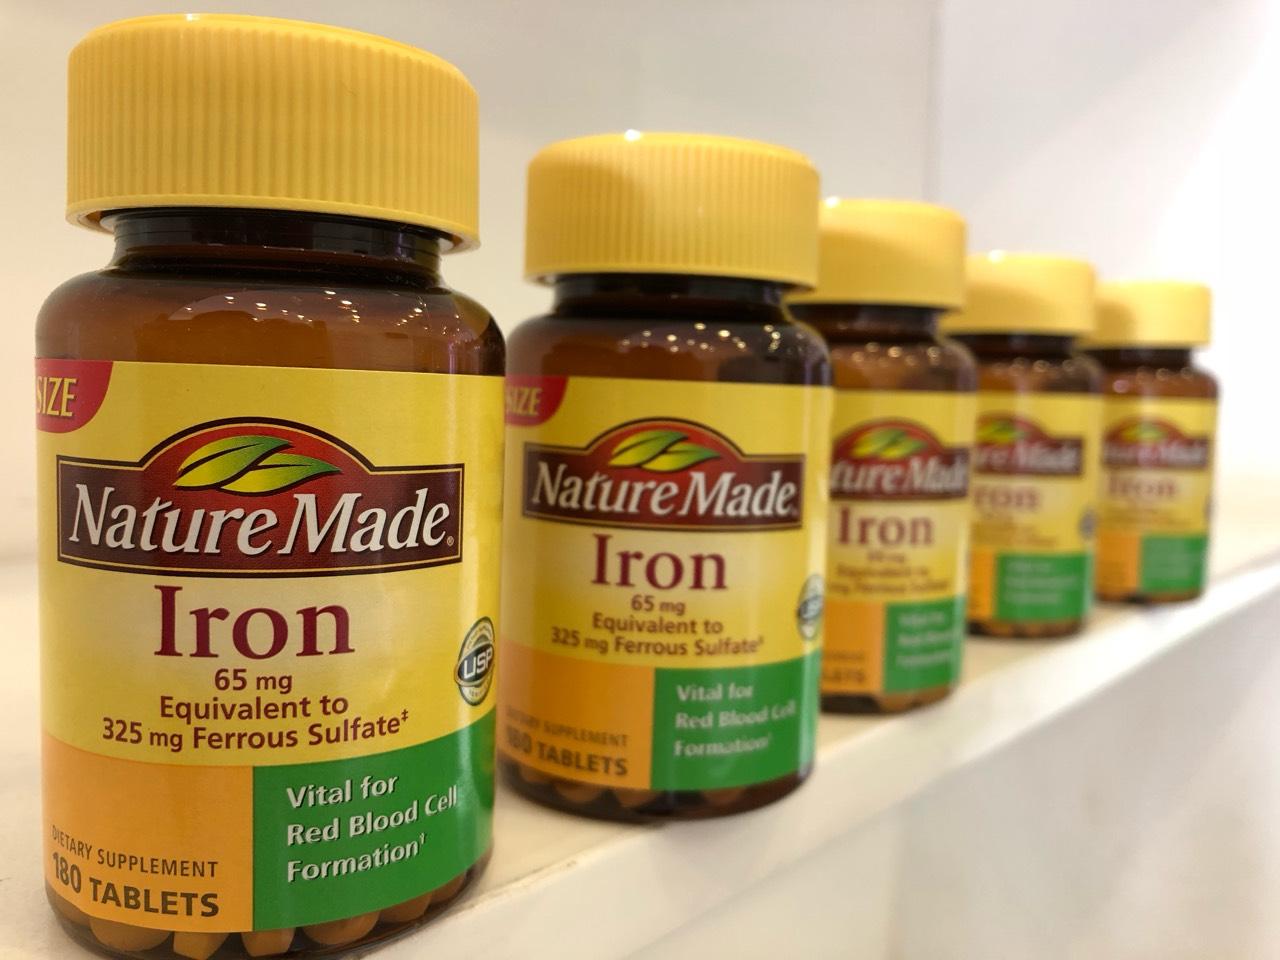 Thuốc Nature Made Iron 65mg 180 viên giá bao nhiêu? Mua ở đâu?